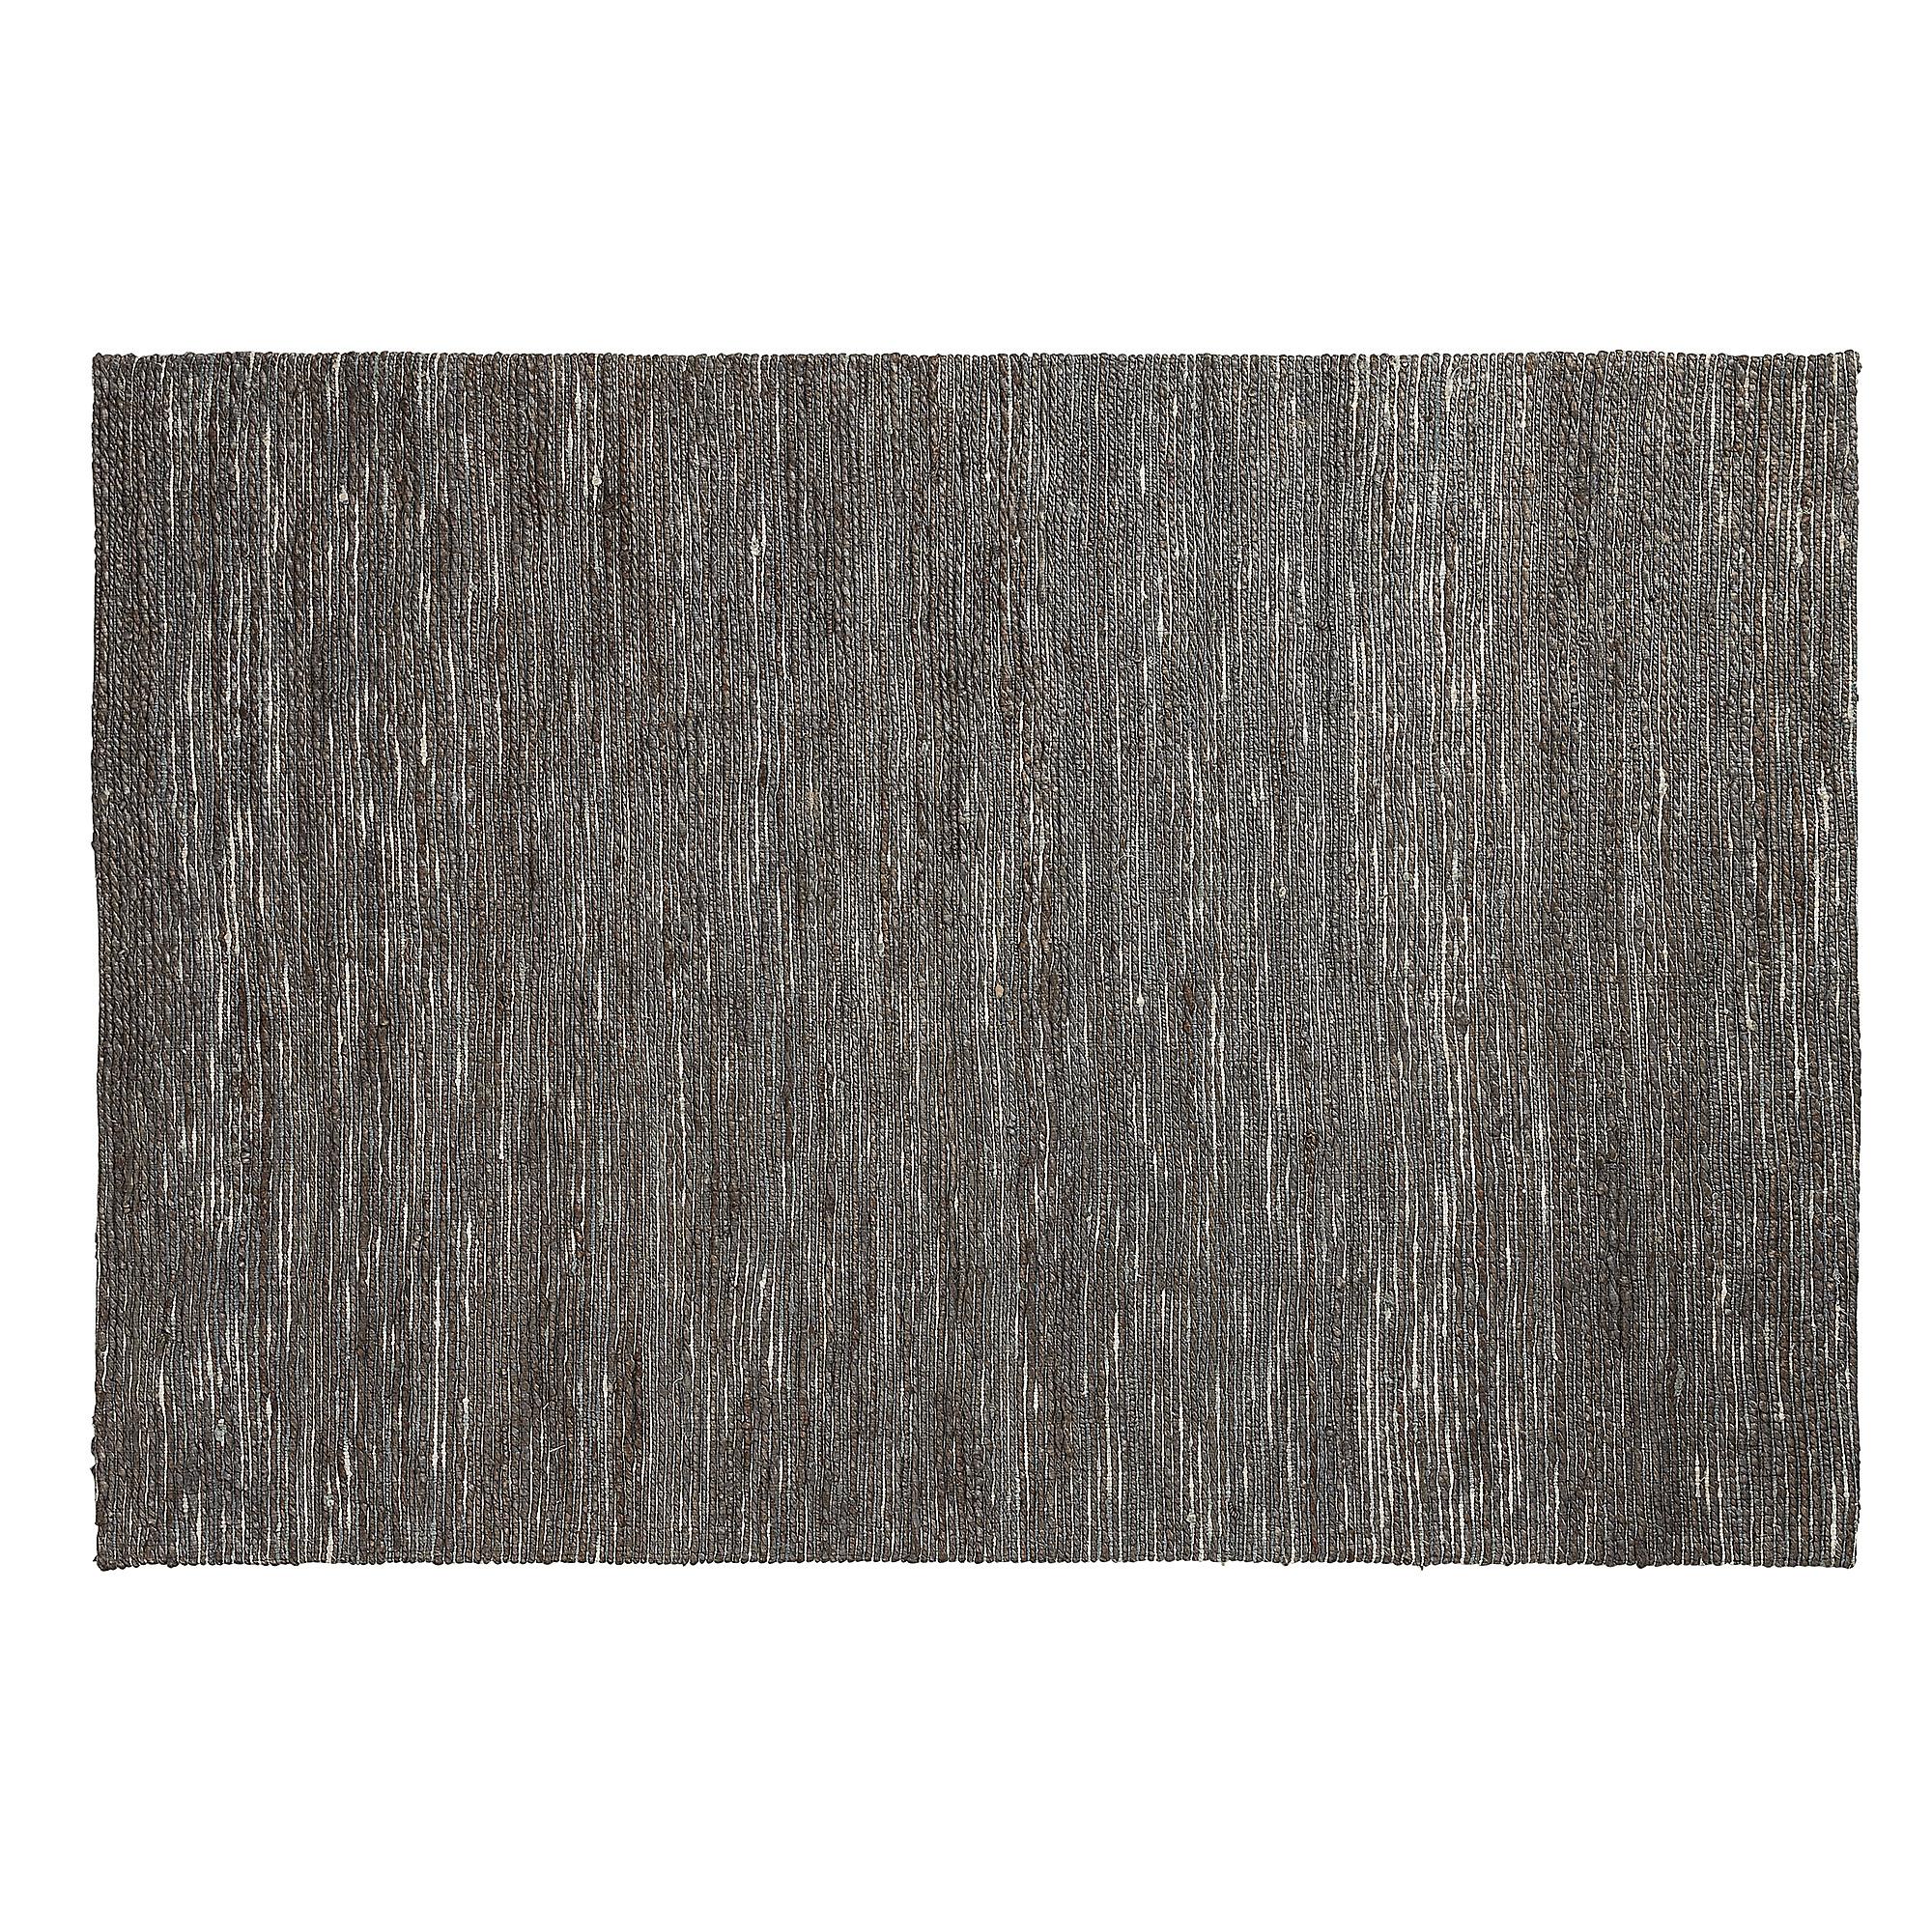 Купить Ковер Julia Gruplucka Carpet темно-серого цвета 130x190 см, inmyroom, Испания